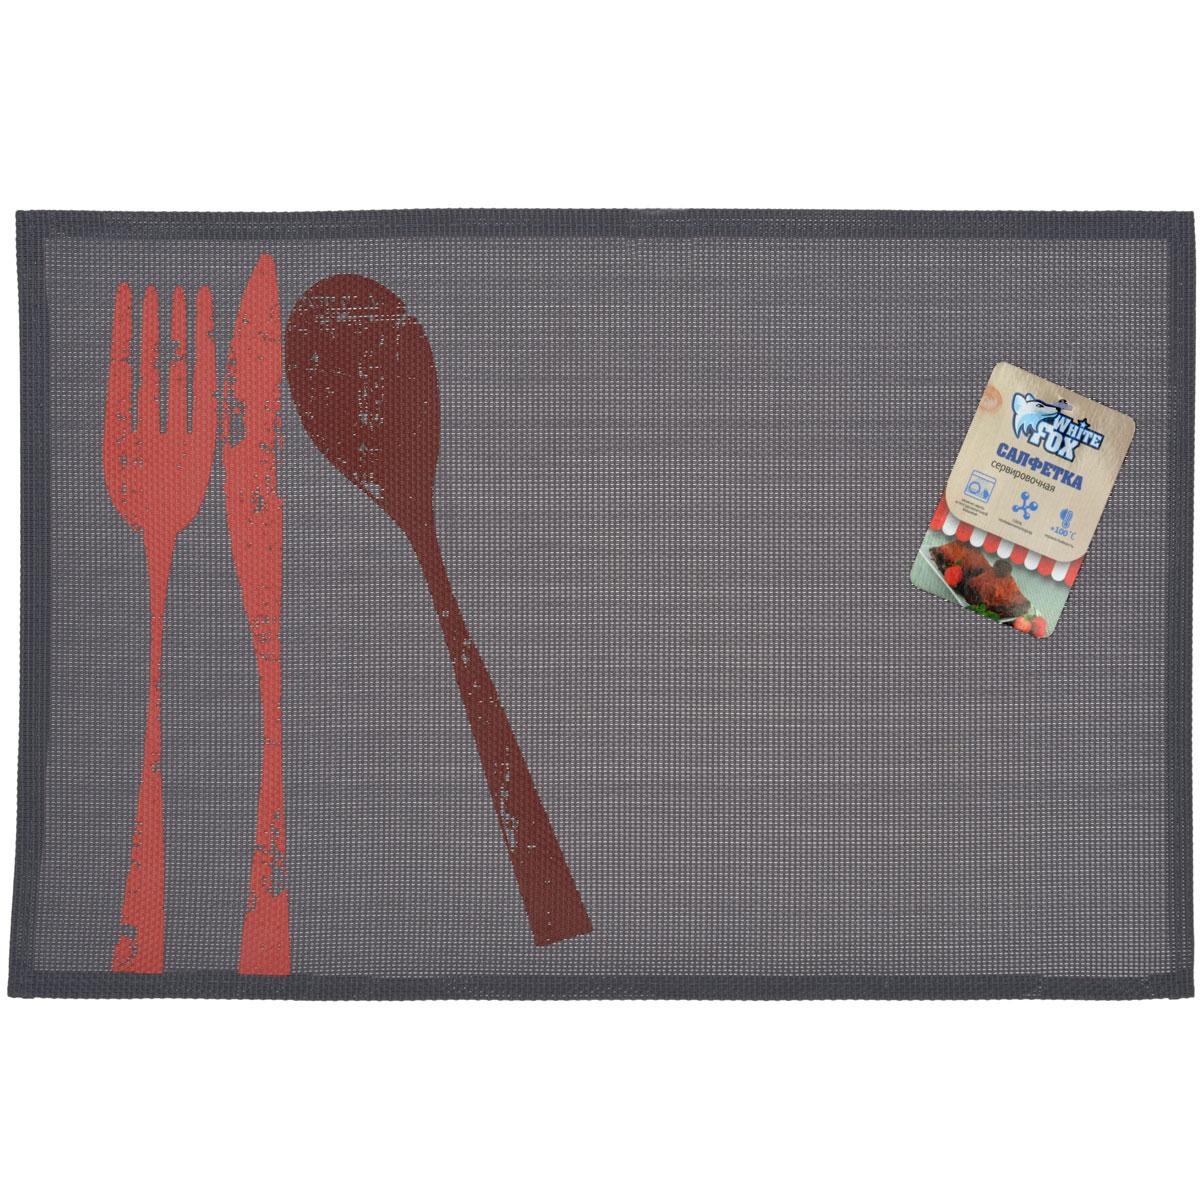 Салфетка сервировочная White Fox Приборы, цвет: серый, 30 x 45 см, 4 штБ0008376Салфетка White Fox Приборы, выполненная из ПВХ, предназначена для сервировки стола. Она служит защитой от царапин и различных следов, а также используется в качестве подставки под горячее. Дизайнерский рисунок дополнит стильную сервировку стола. Край салфетки прострочен, что позволяет плетению не рассыпаться.